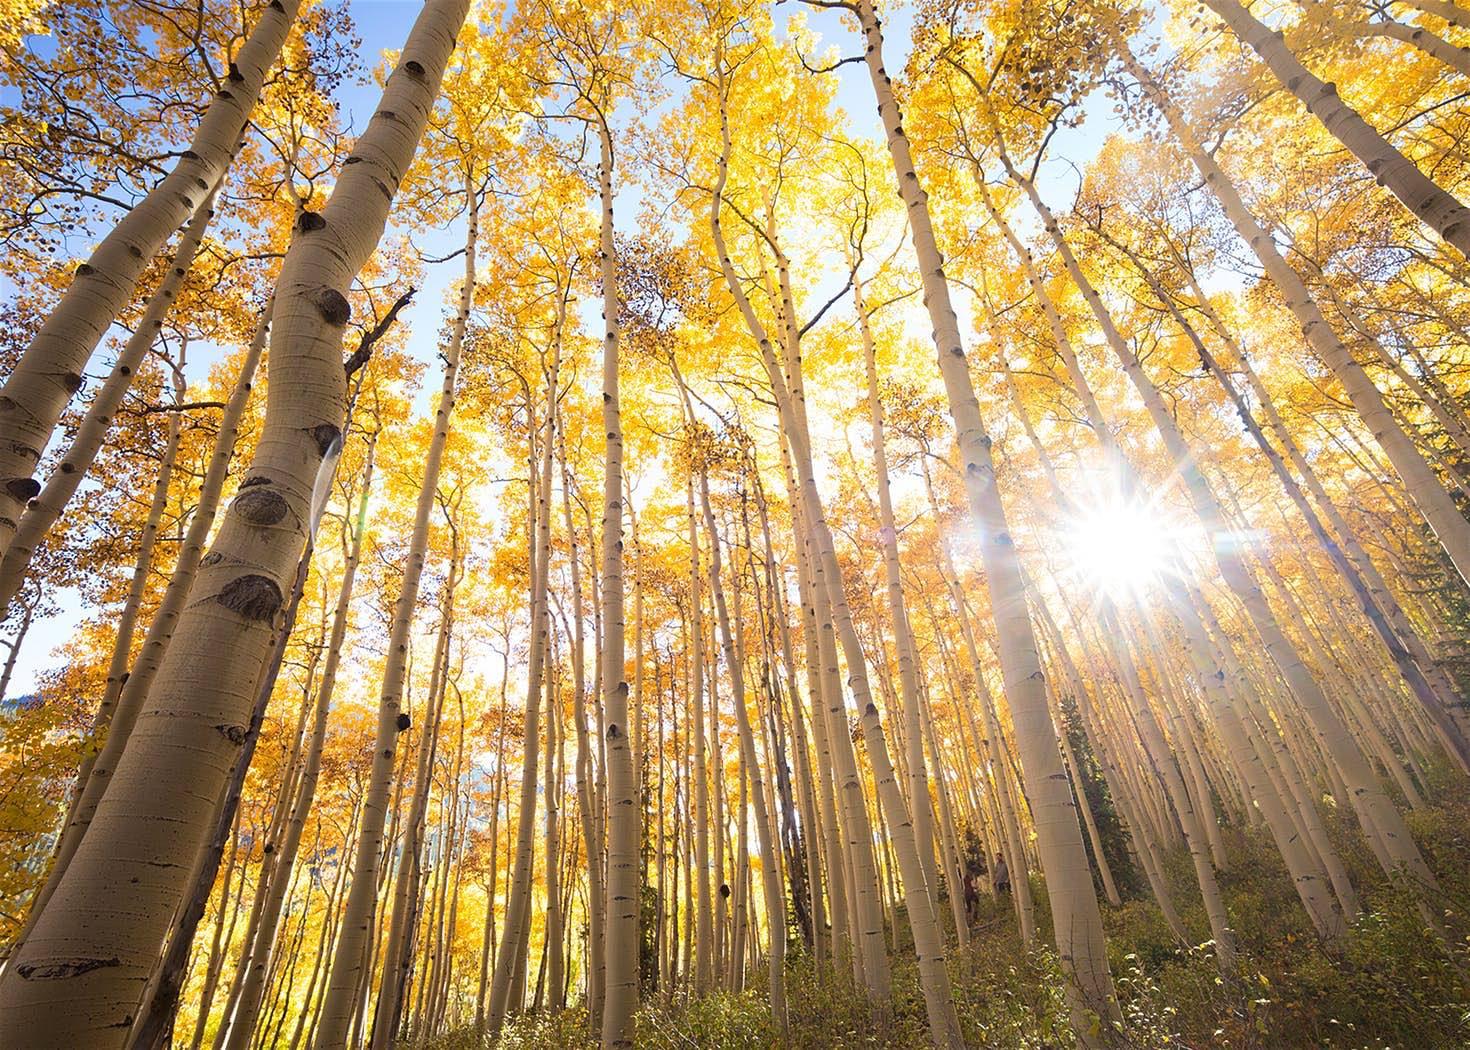 En otoño, la ciudad de las montañas rocosas de Telluride atrae a muchos visitantes y la razón se debe a los álamos dorados de otoño.